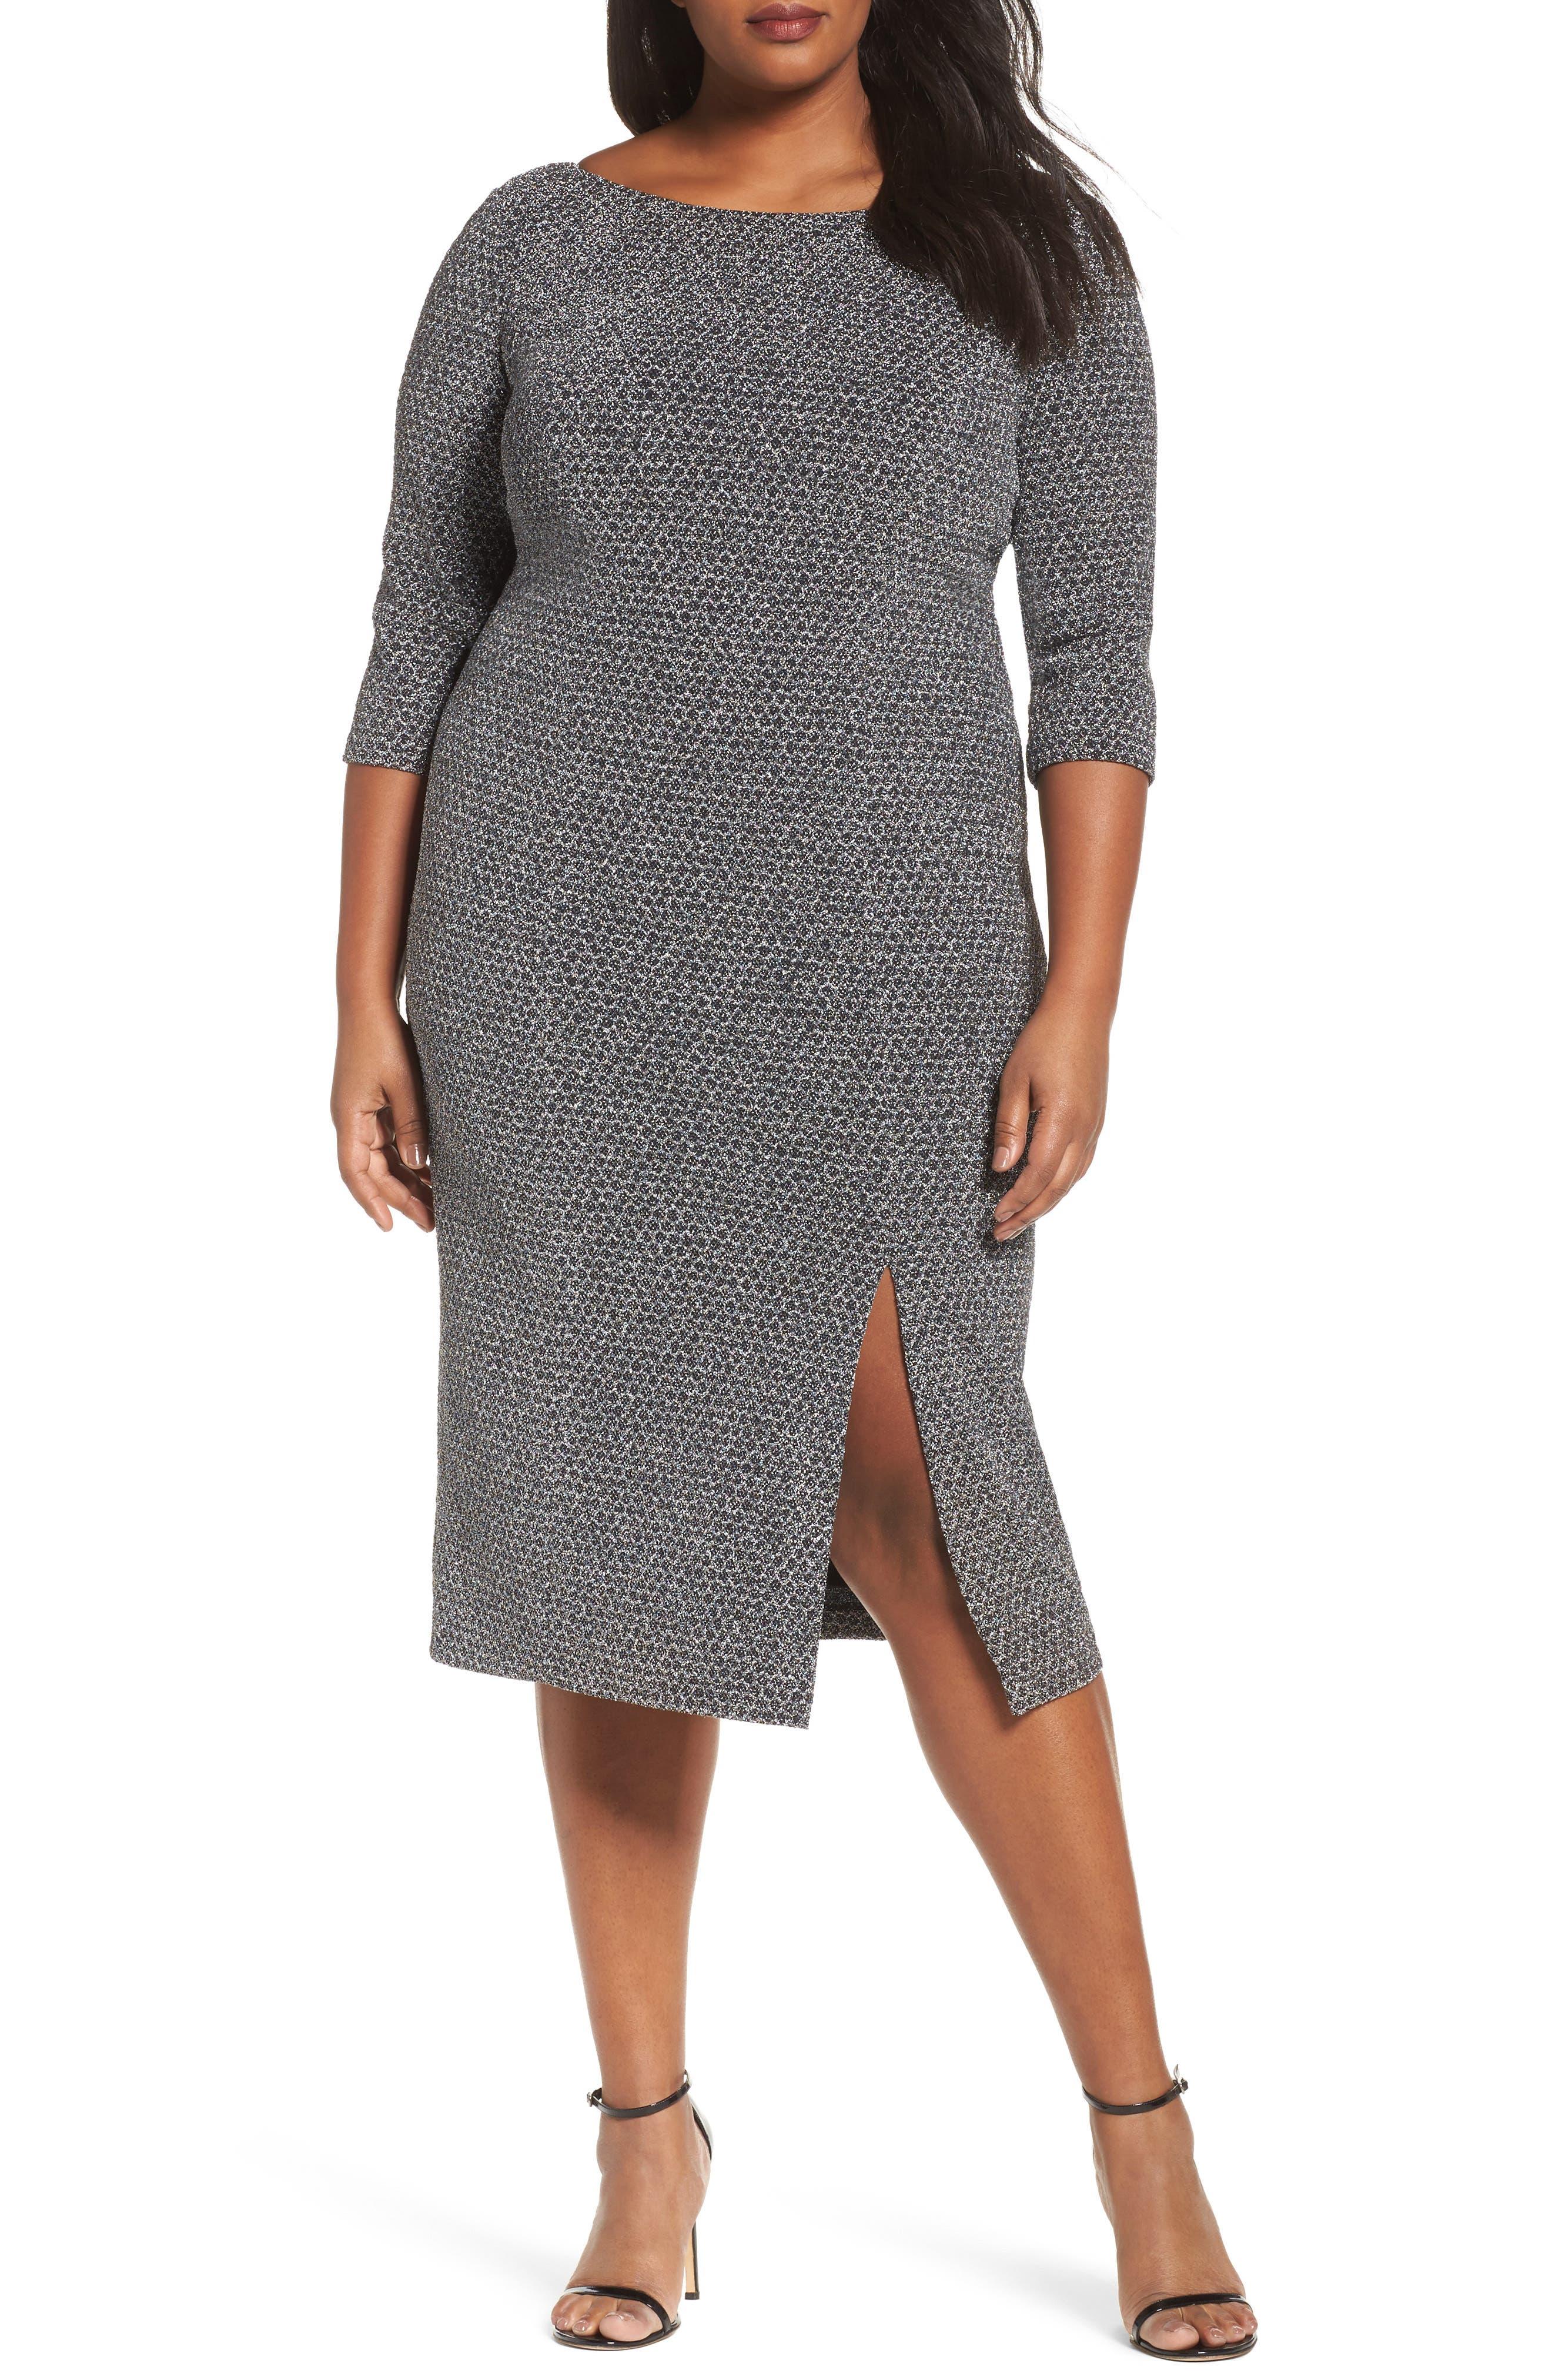 Main Image - Adrianna Papell Glitter Knit Sheath Dress (Plus Size)